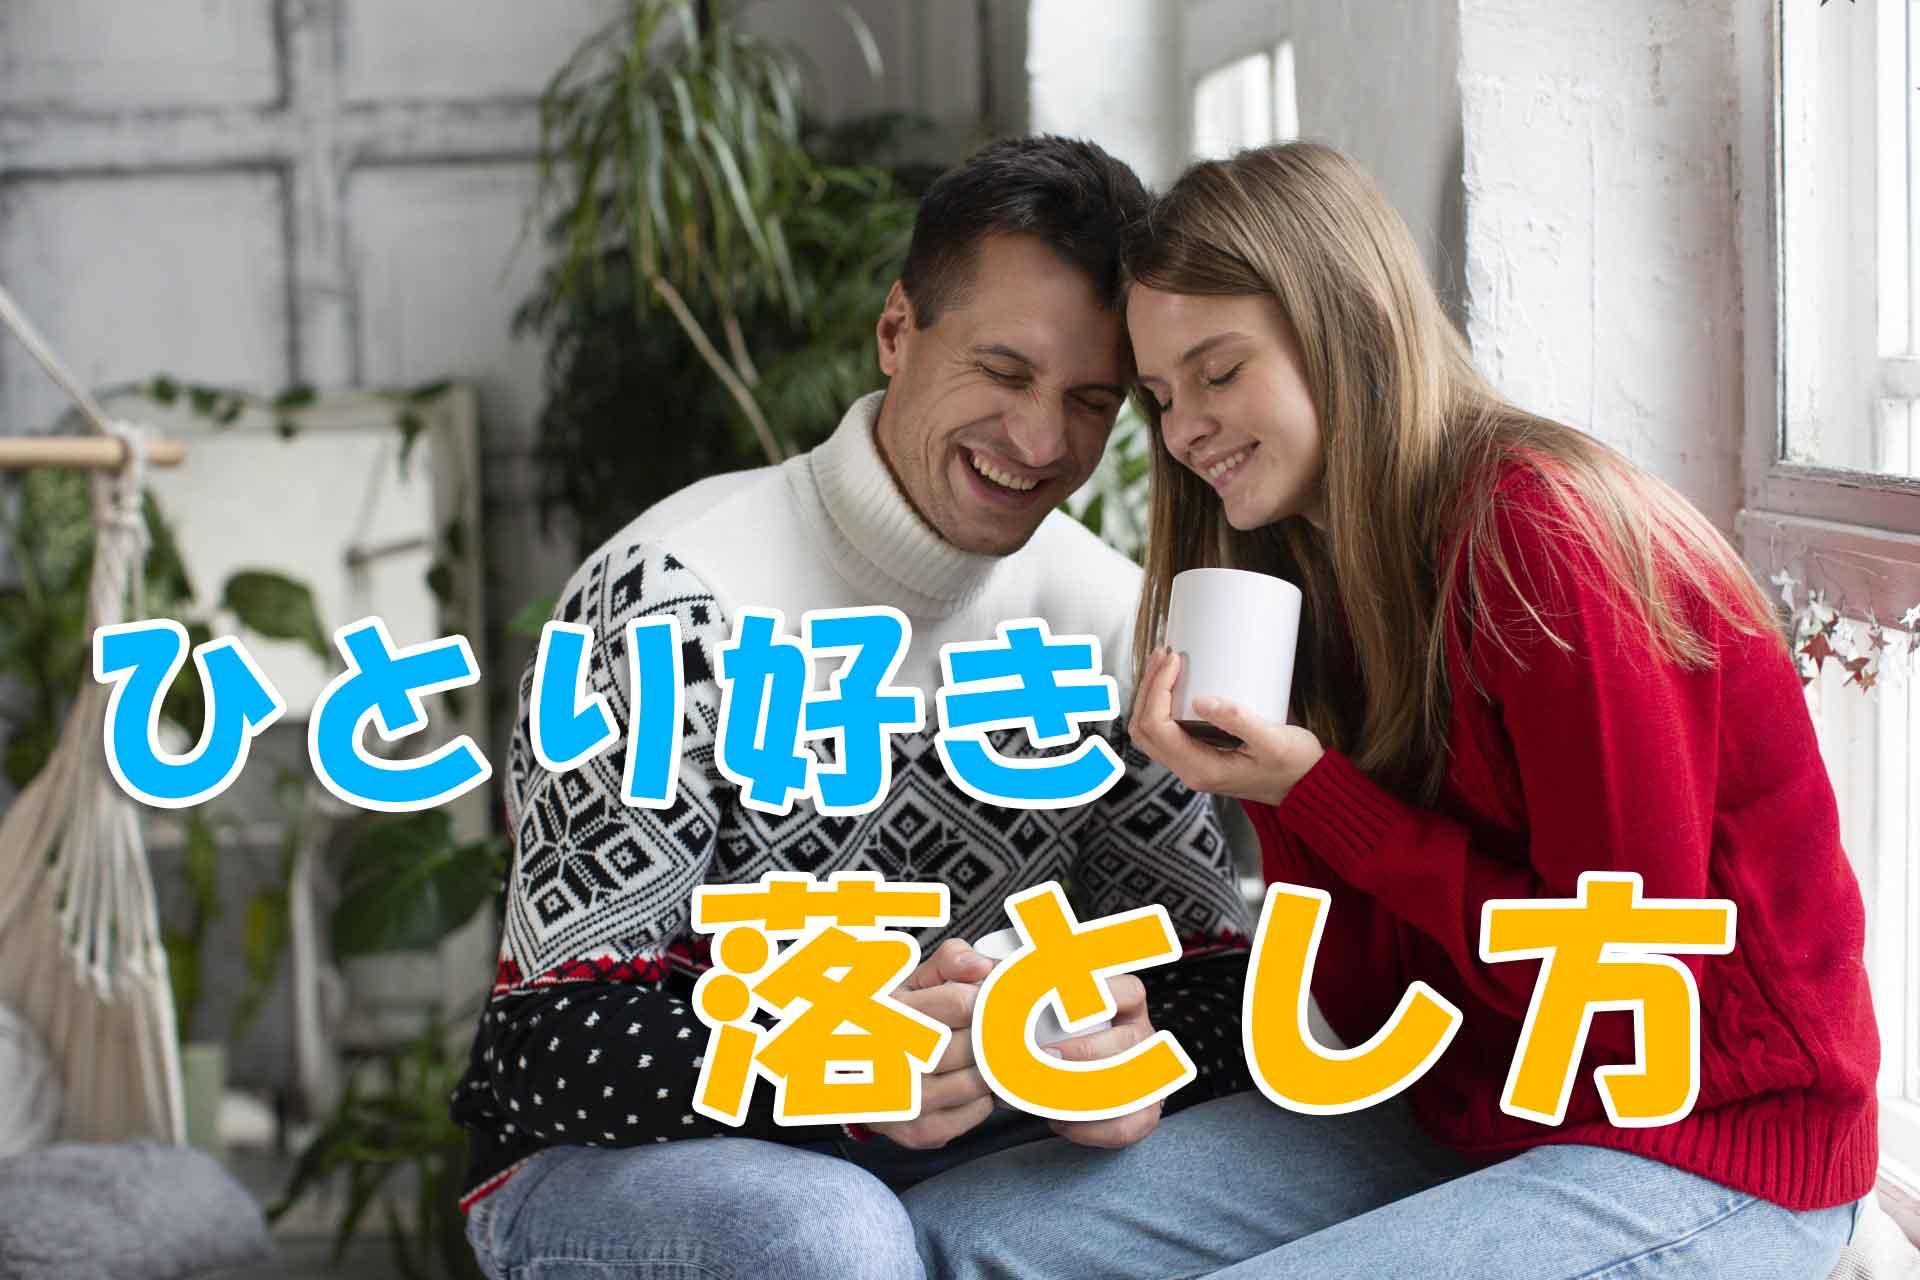 ソファーで温かい飲み物を飲んでいるカップルと「ひとり好き落とし方」のテキスト